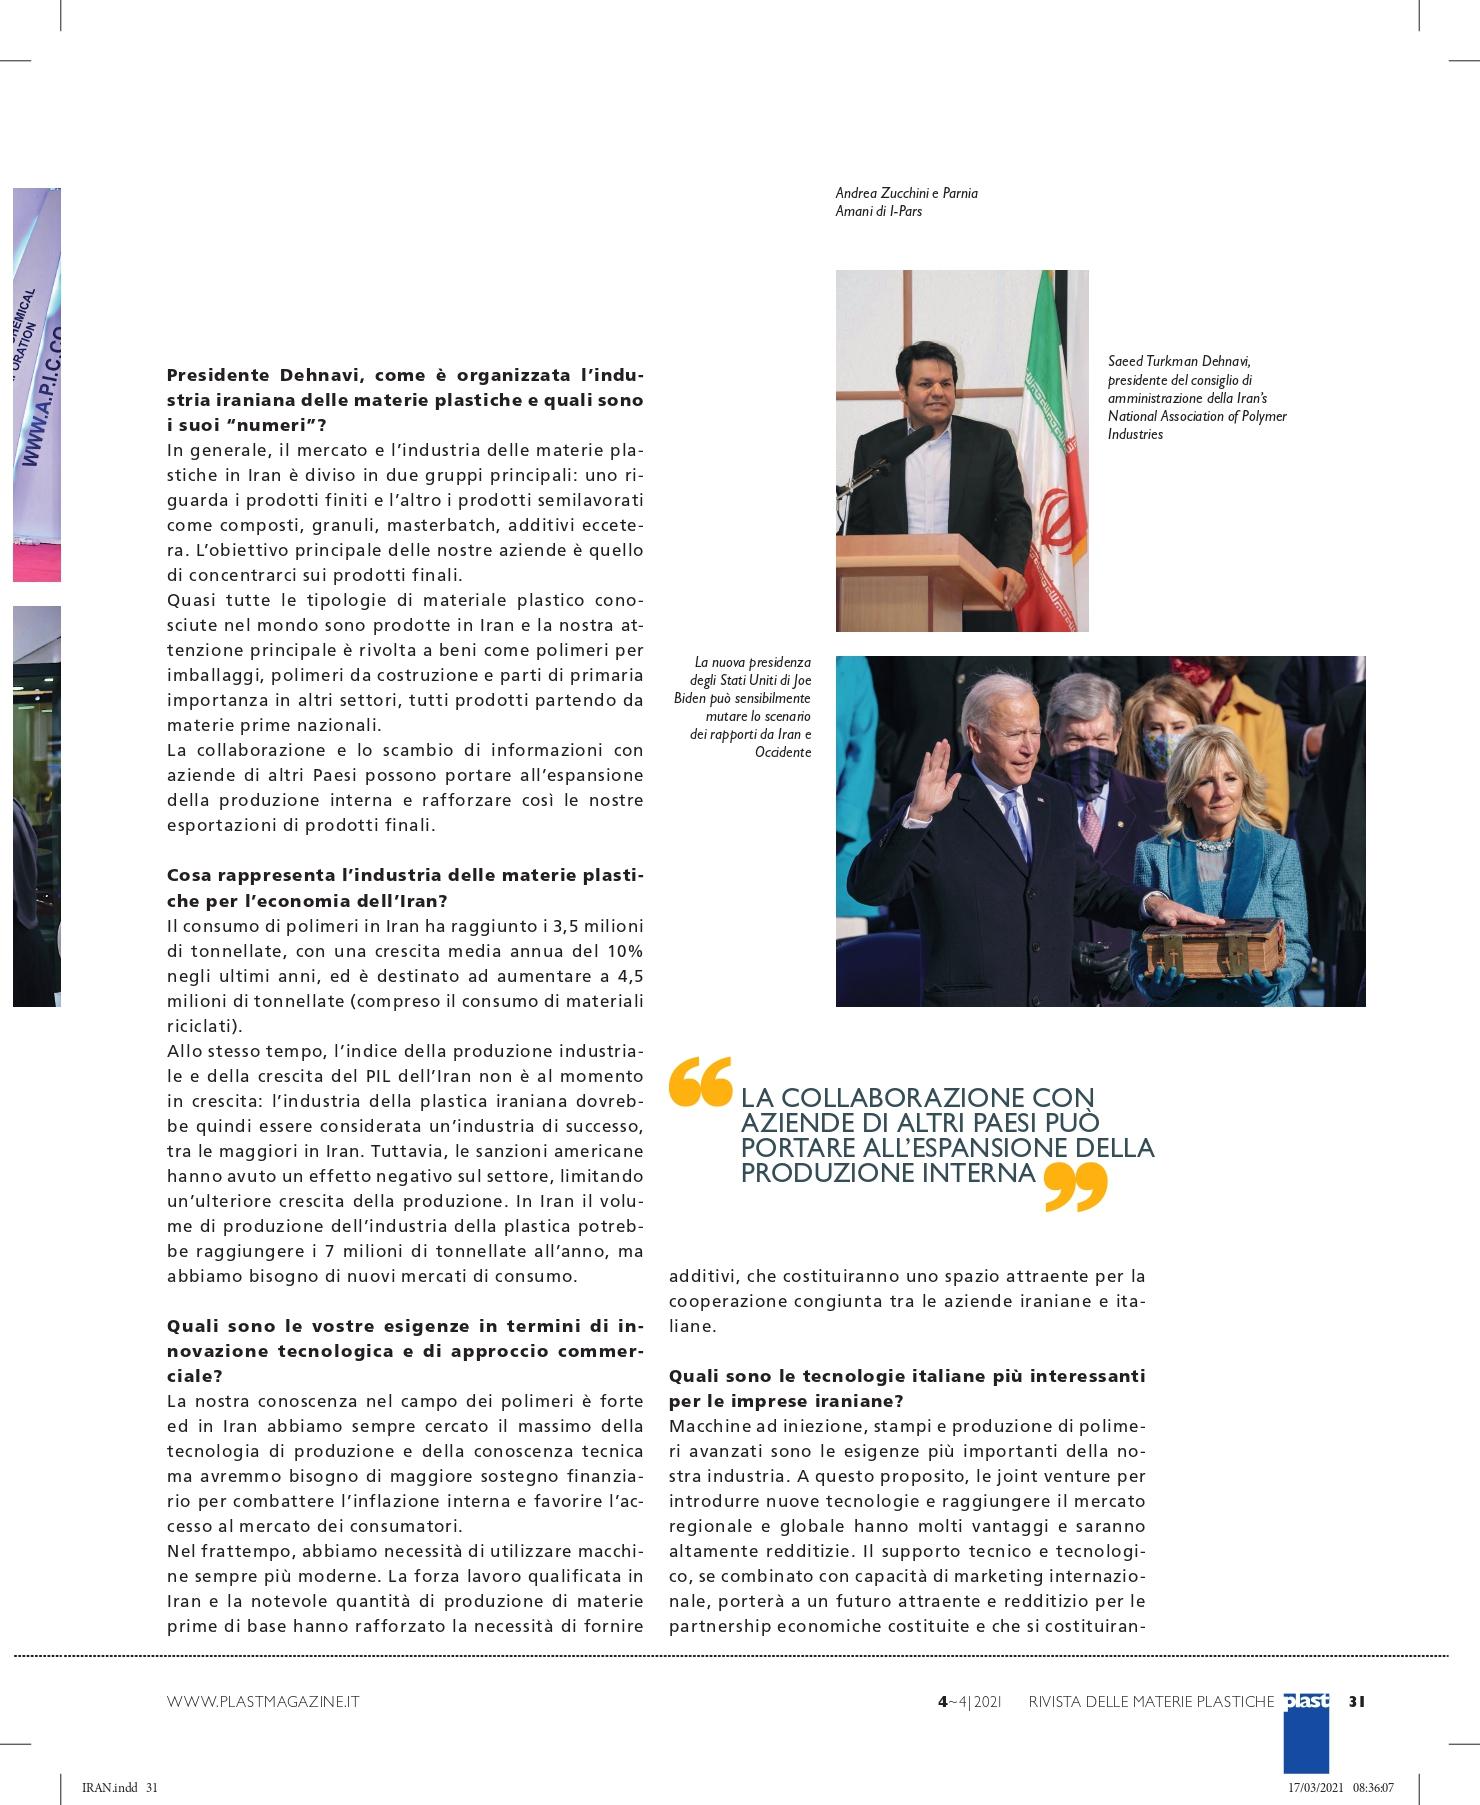 Plast Iran c'è spazio per le aziende italiane intervista I-Pars I Pars Andrea Zucchini Parnia Amani Iran Italia plastica materie plastiche polimeri